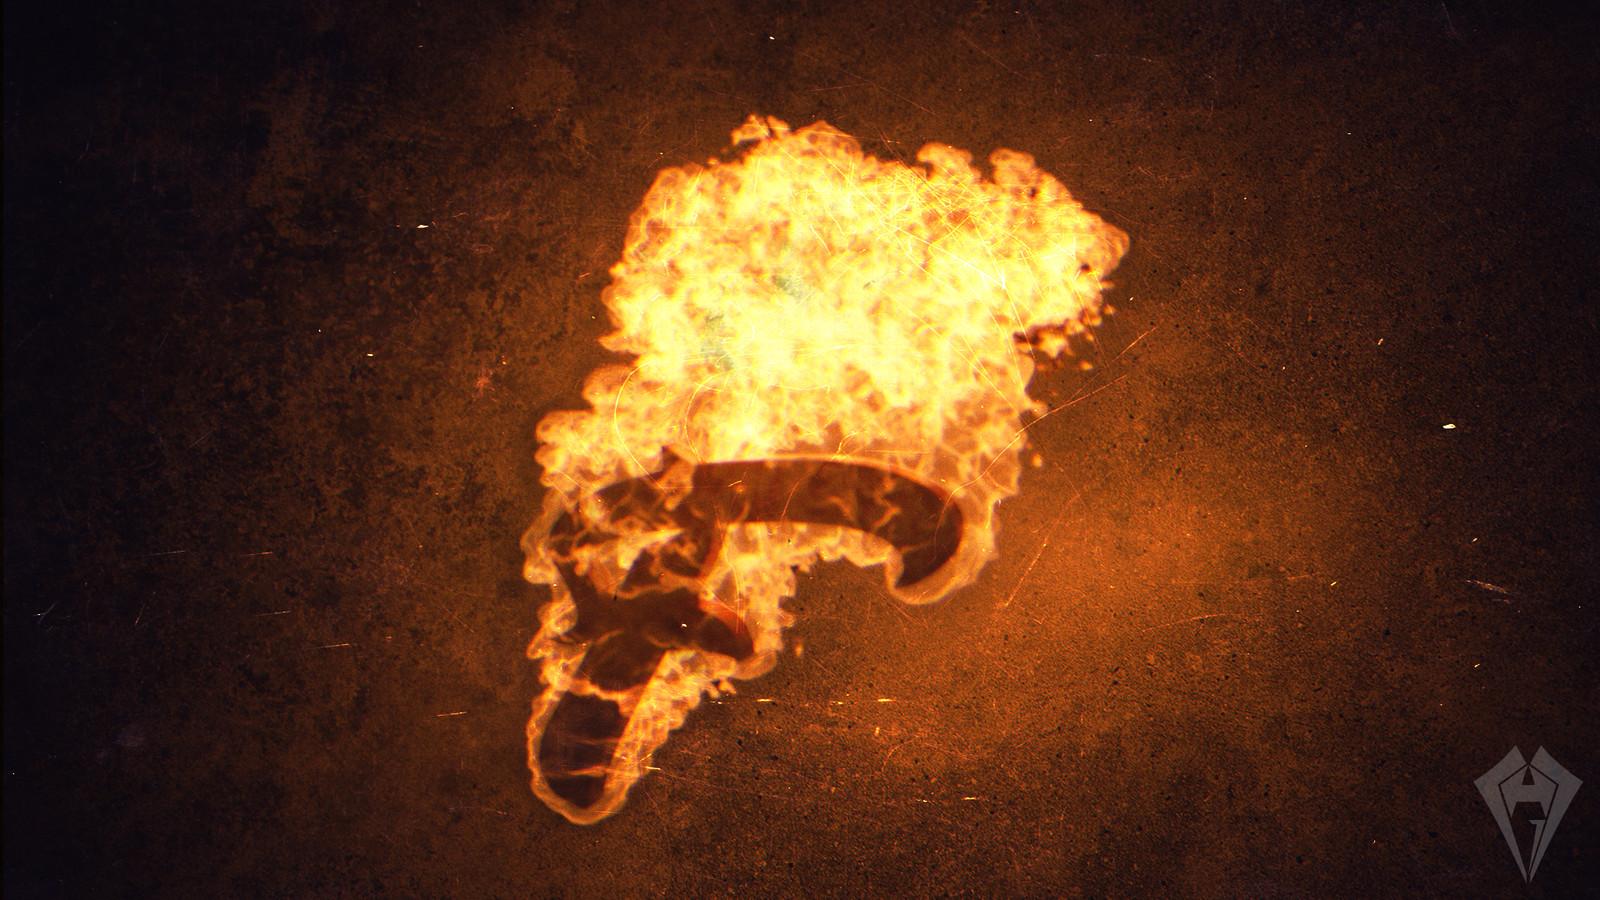 Fof Fire by hugo matilde